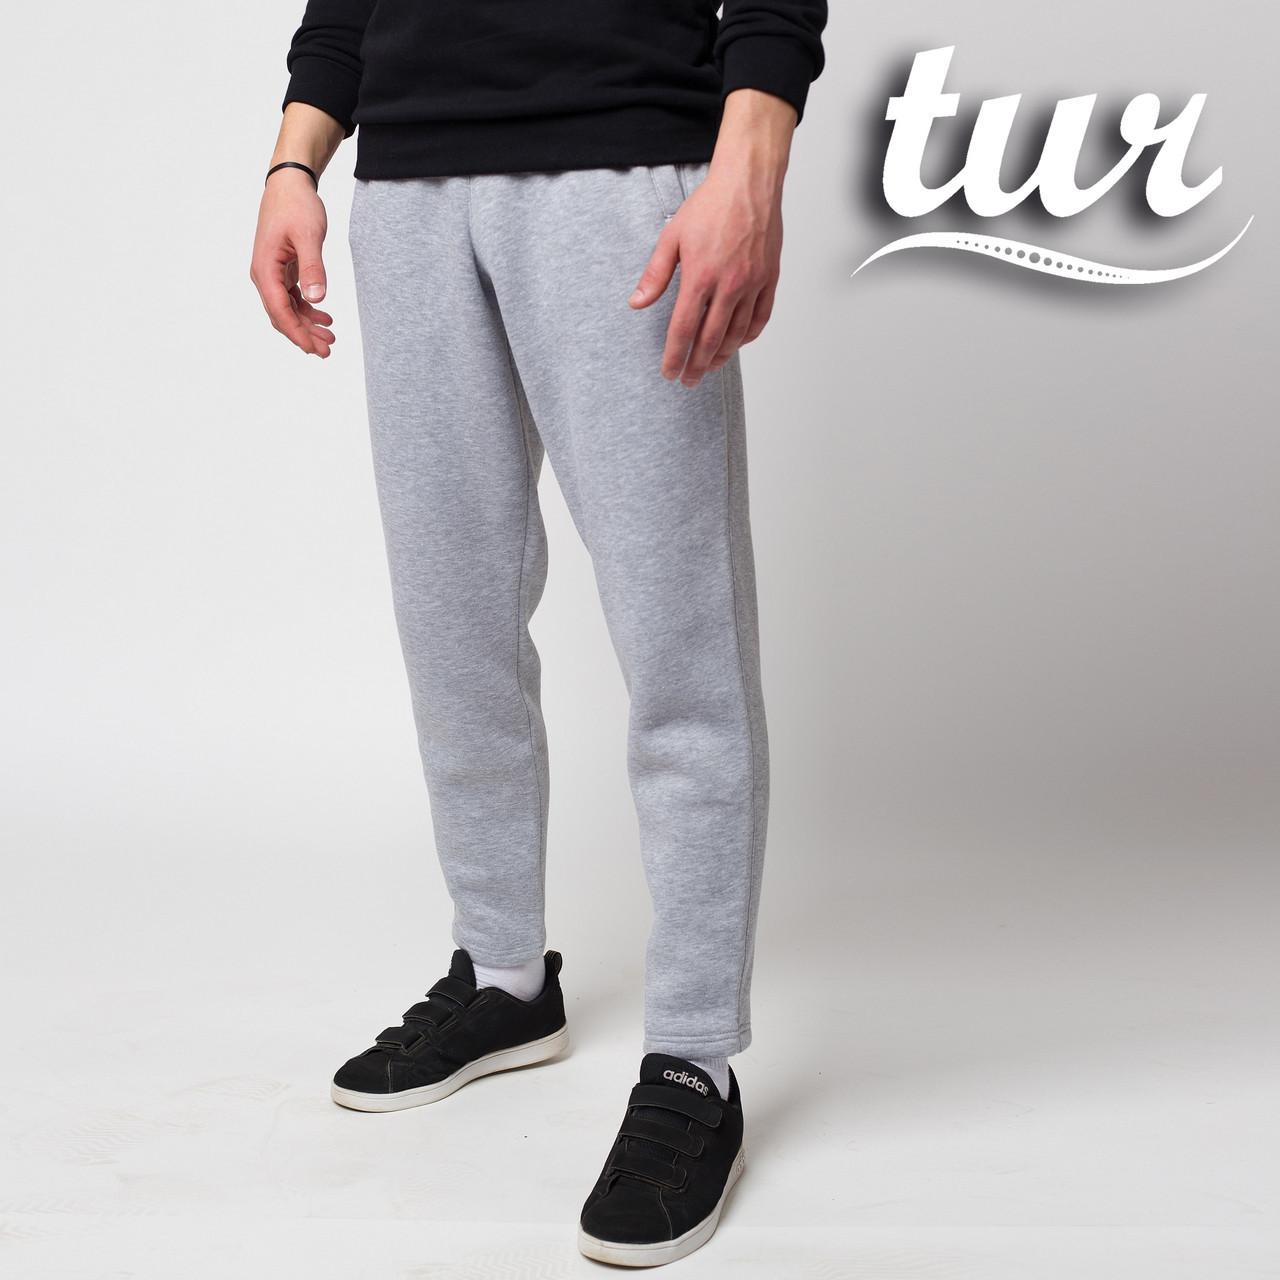 Зимові спортивні штани чоловічі сірі від бренду ТУР модель Сайракс (Cyrax) розмір XS, S, M, L, XL, XXL